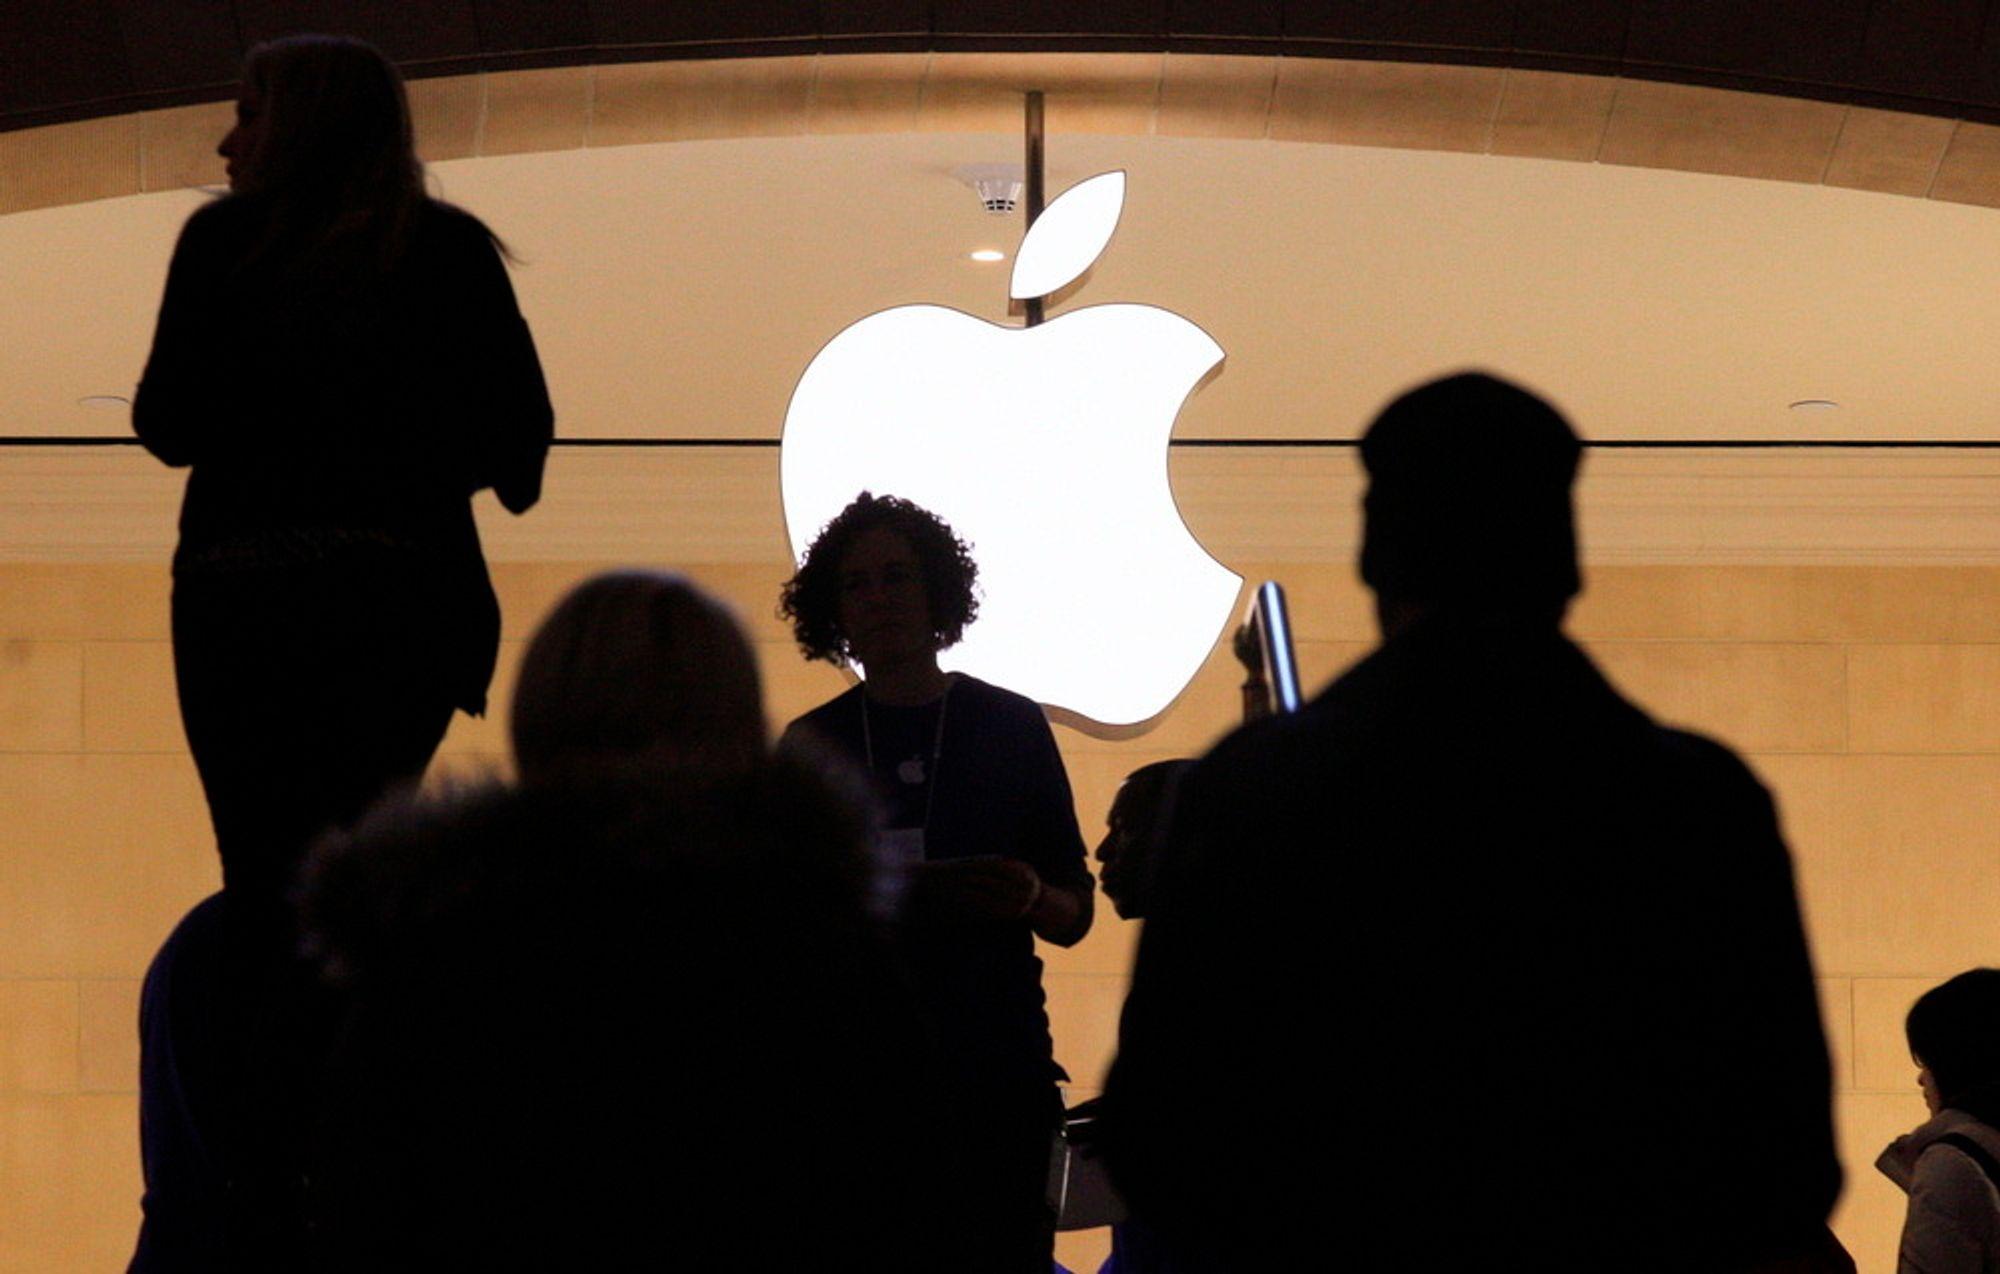 ETTERLYSER NY MODELL: Dersom bedrifter hadde tjent på å utvikle nye tjenester, ville vi fått nye og bedre tjenester for mobil, brett og nett, tror forskerne, som ikke liker Apples forretningsmodell.